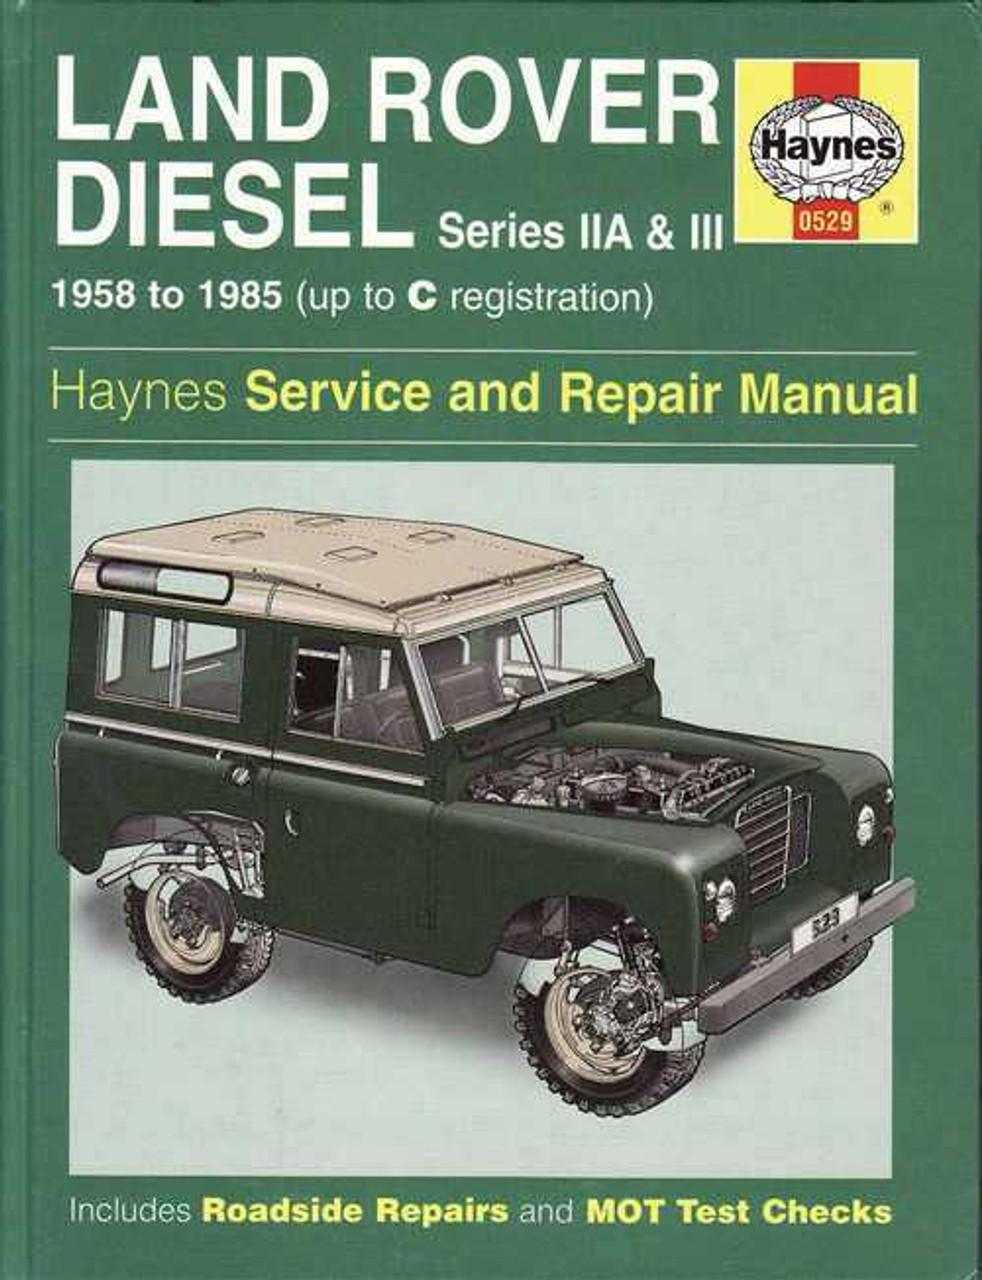 land rover diesel series iia & iii 1958 - 1985 workshop manual